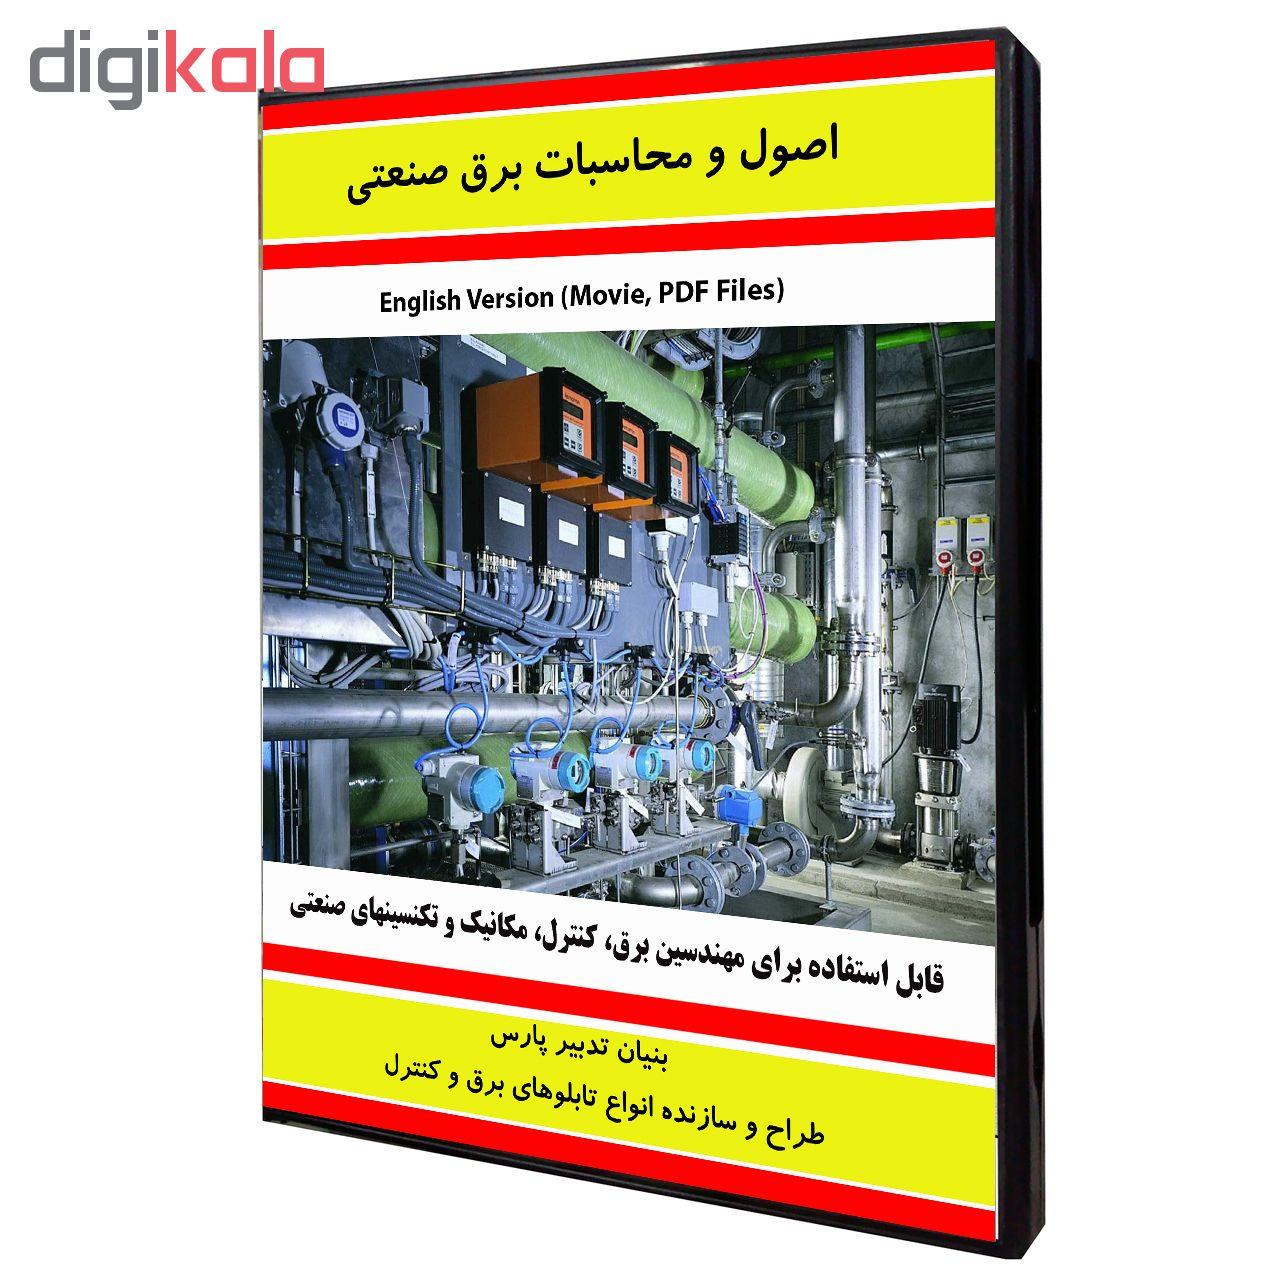 نرم افزار آموزش اصول و محاسبات برق صنعتی نشر نوآوران